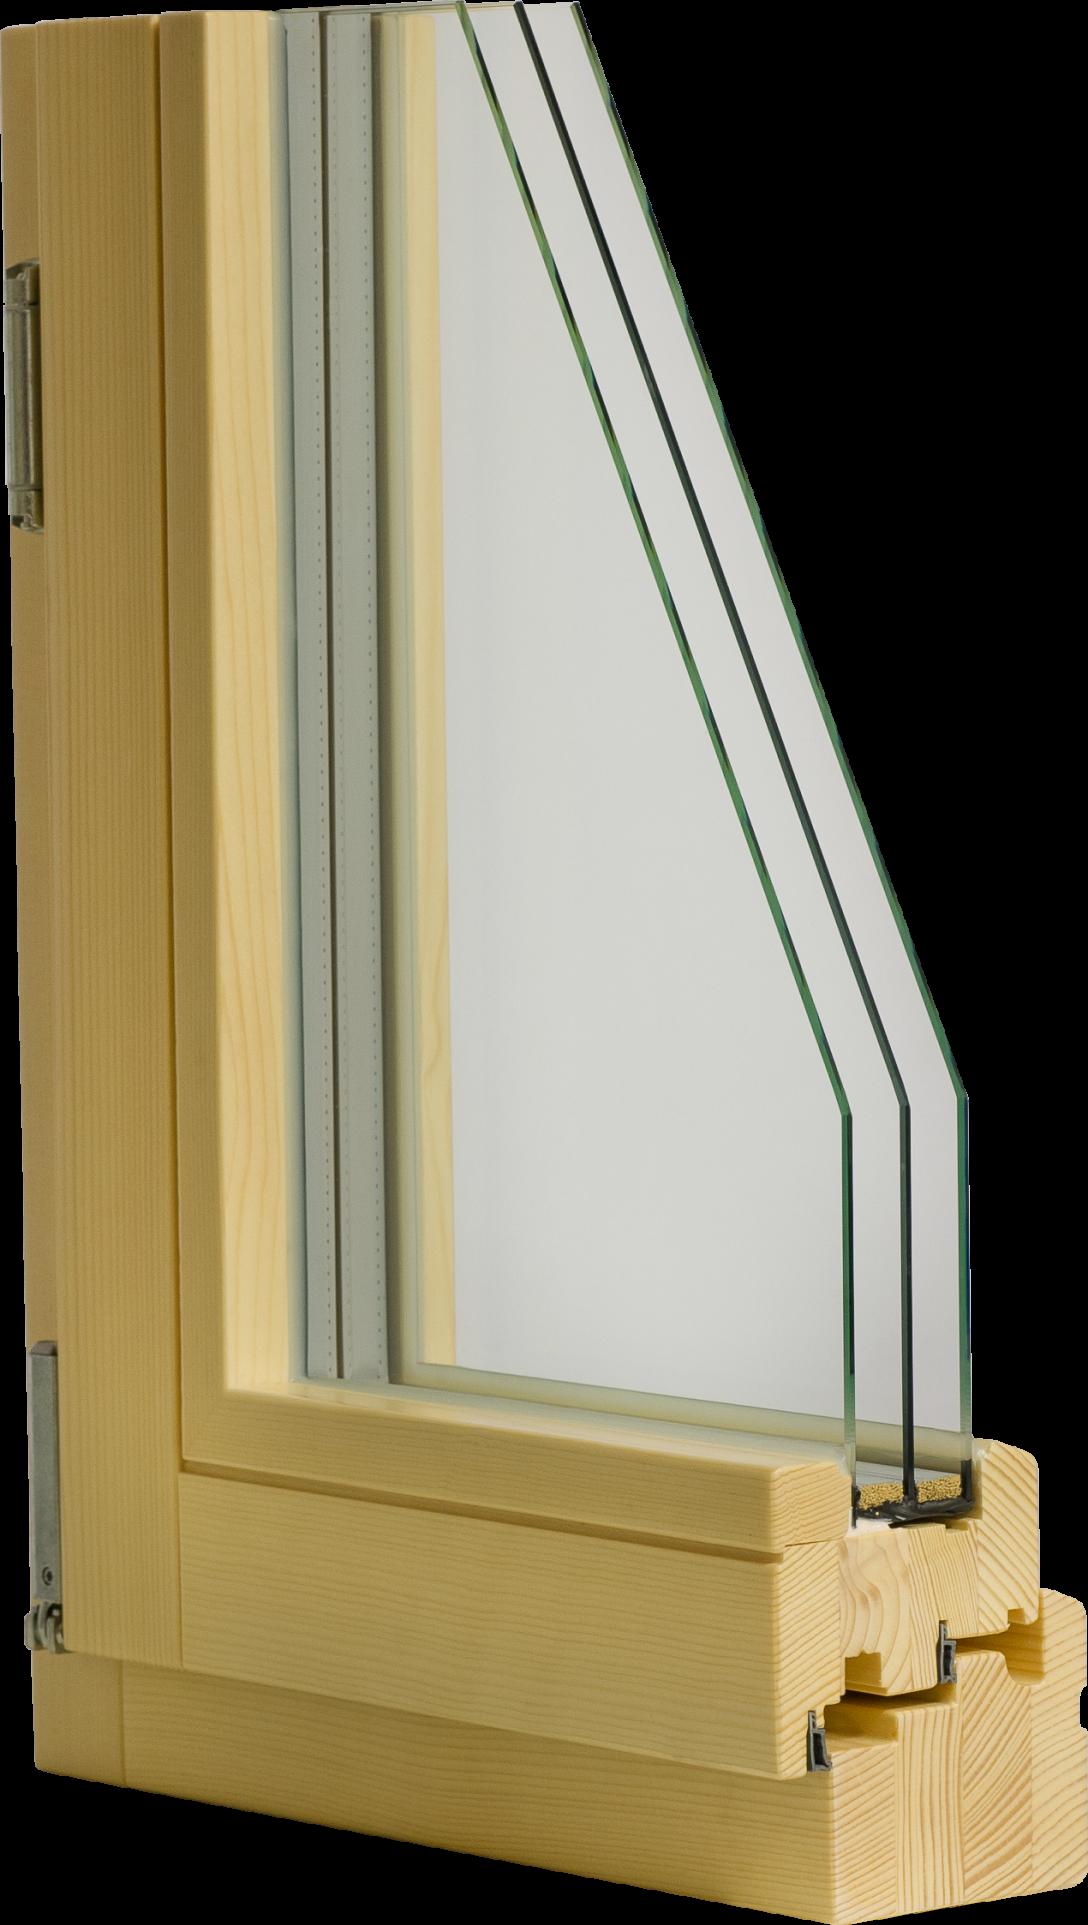 Large Size of Fenster 3 Fach Verglasung Mit Rolladen Preise 3 Fach Schallschutzklasse Verglaste Altbau Kaufen Kunststoff Preis 3fach Verglast Holz Alu Nachteile 2 Oder Fenster Fenster 3 Fach Verglasung